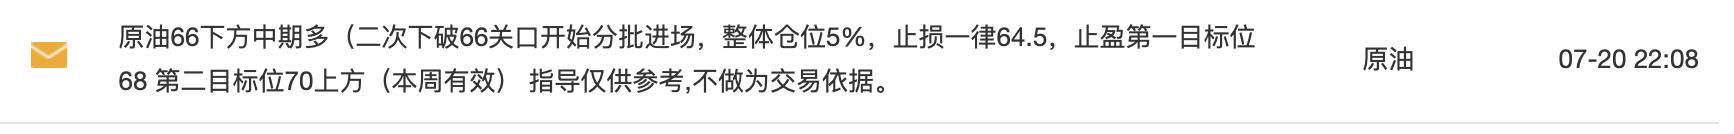 7.21原油抄底多单.png